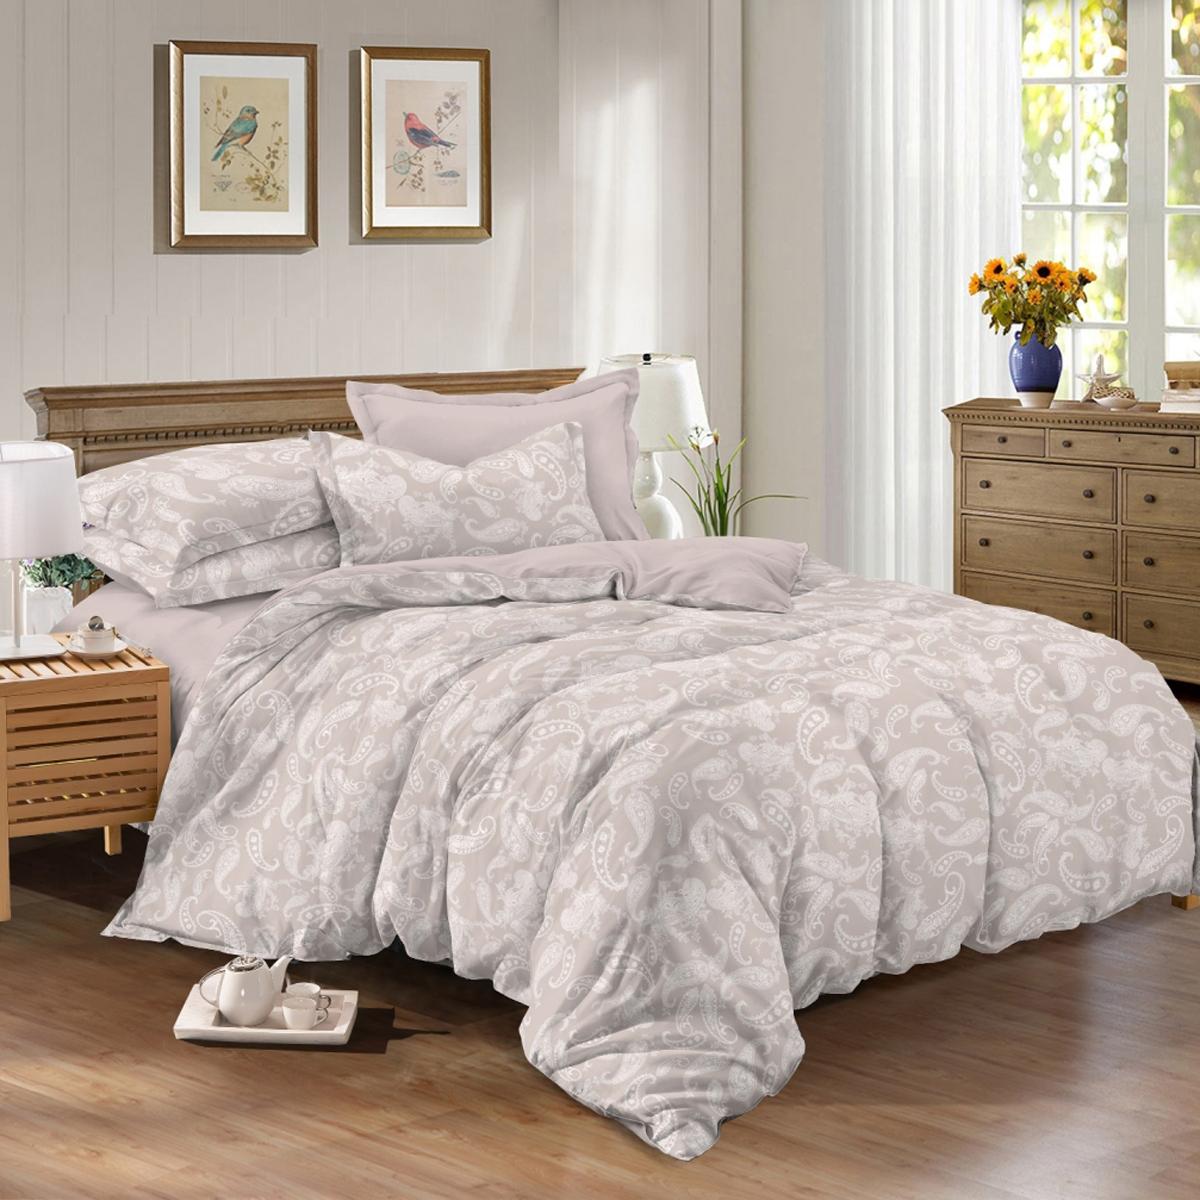 Комплект белья Soft Line, 2-спальный, наволочки 50x70. 6227 комплект белья soft line 2 х спальный наволочки 50x70 06121